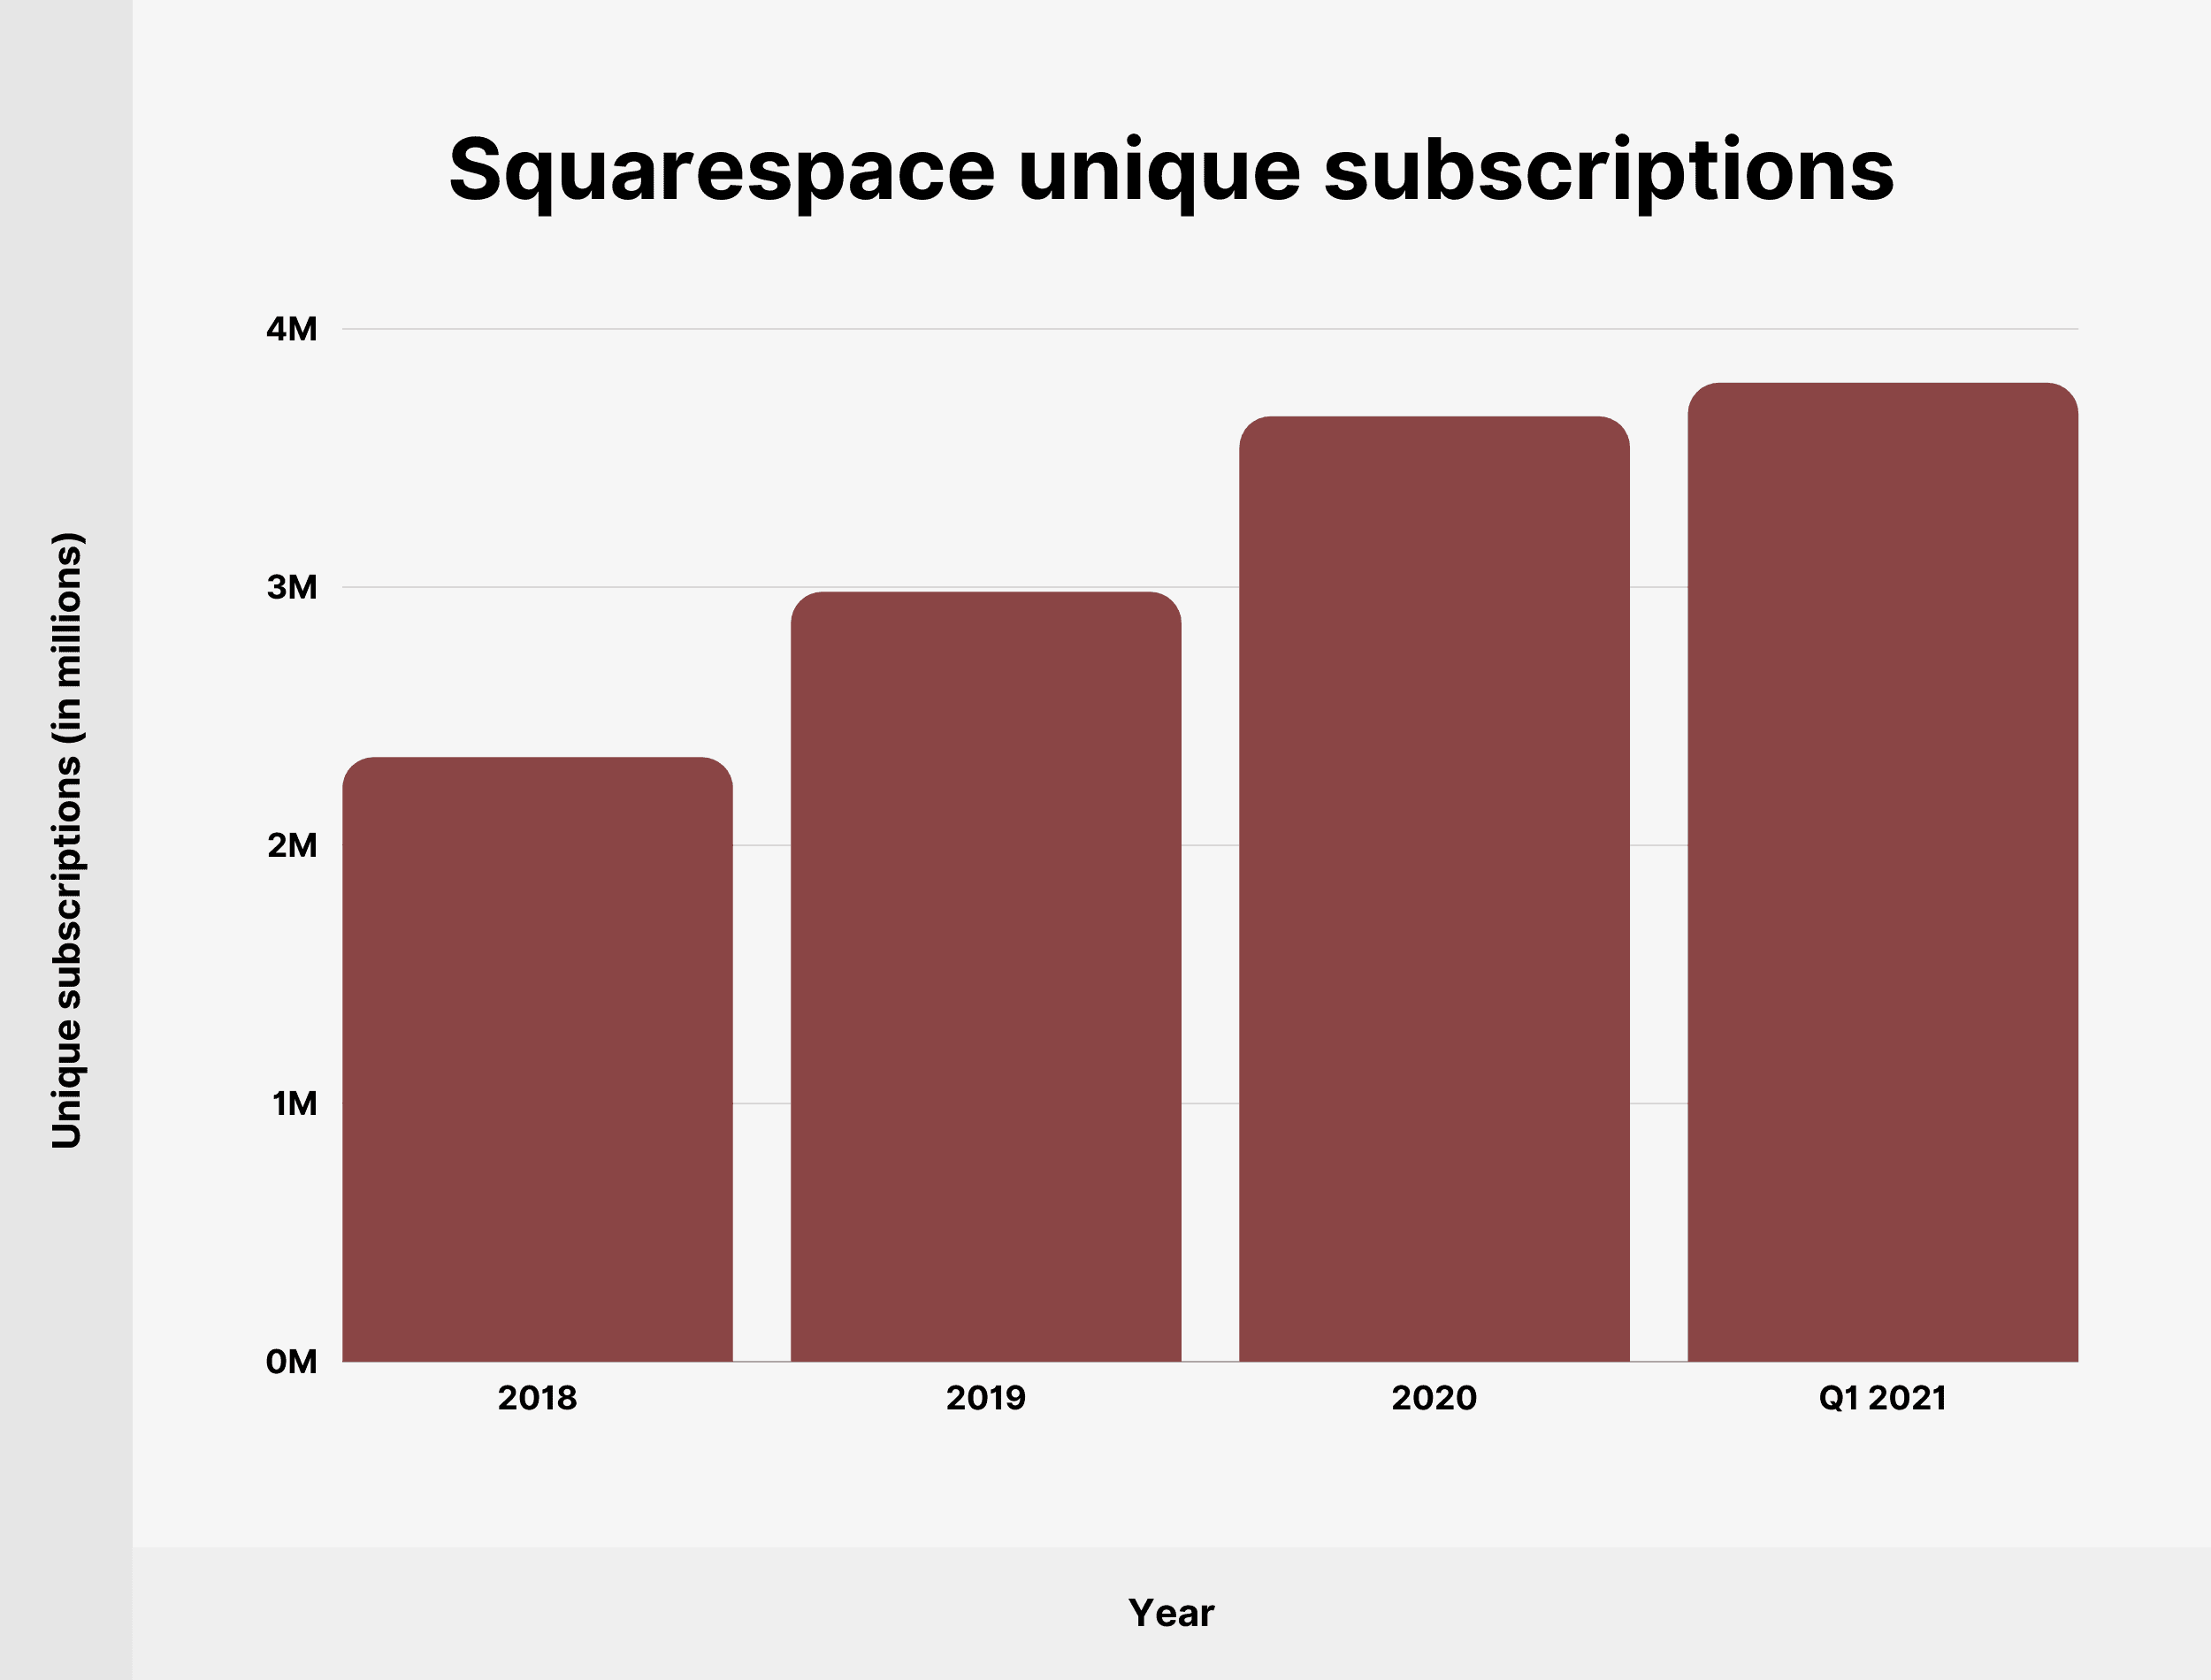 Squarespace unique subscriptions